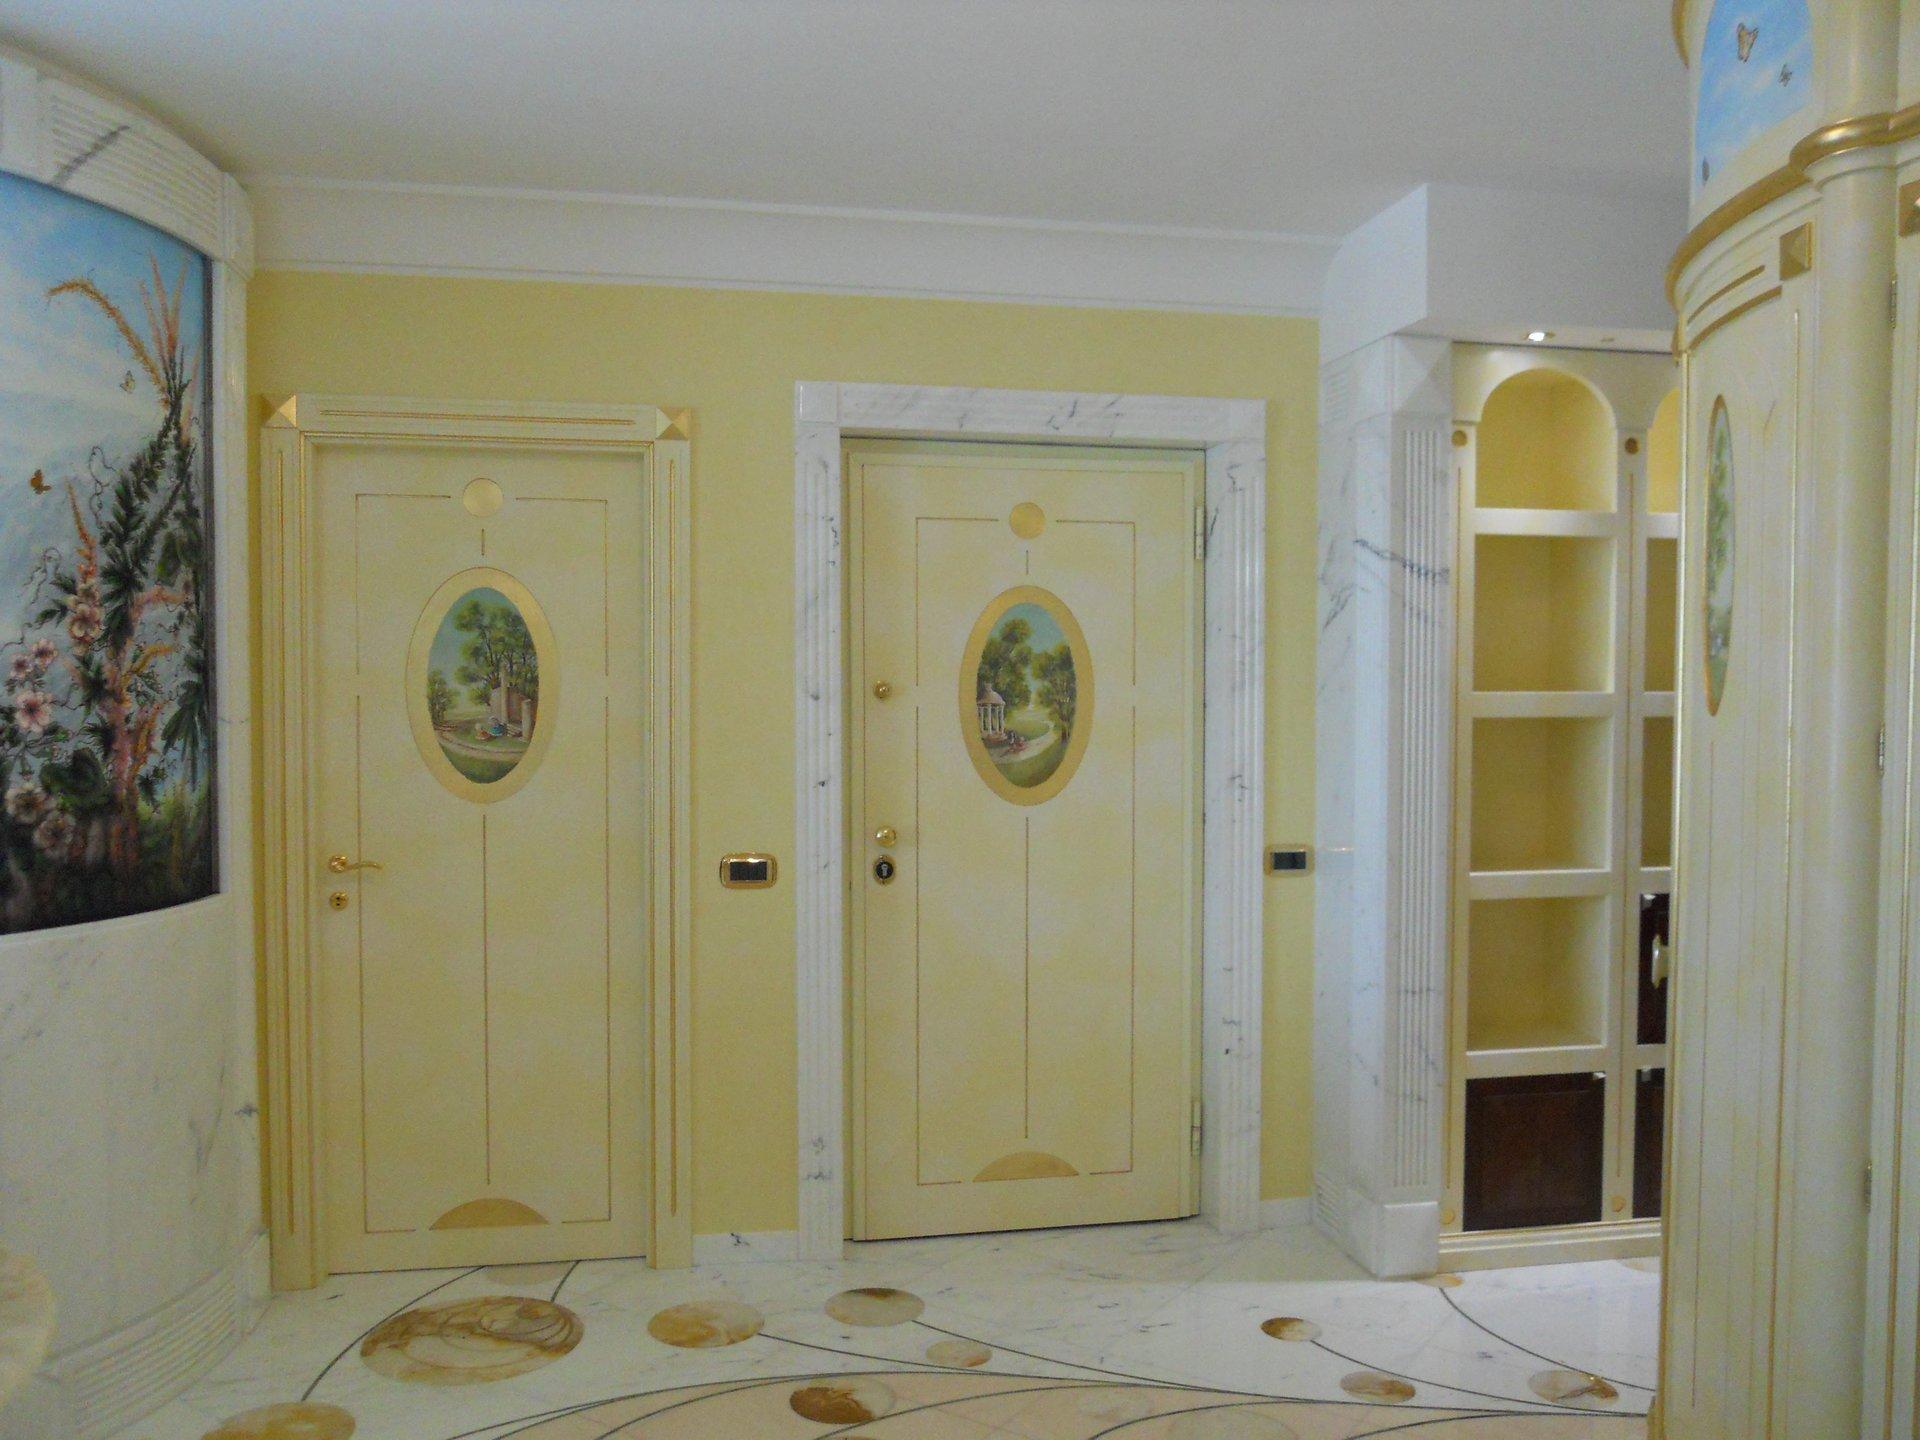 delle porte in legno con vetrate e dei disegni sopra